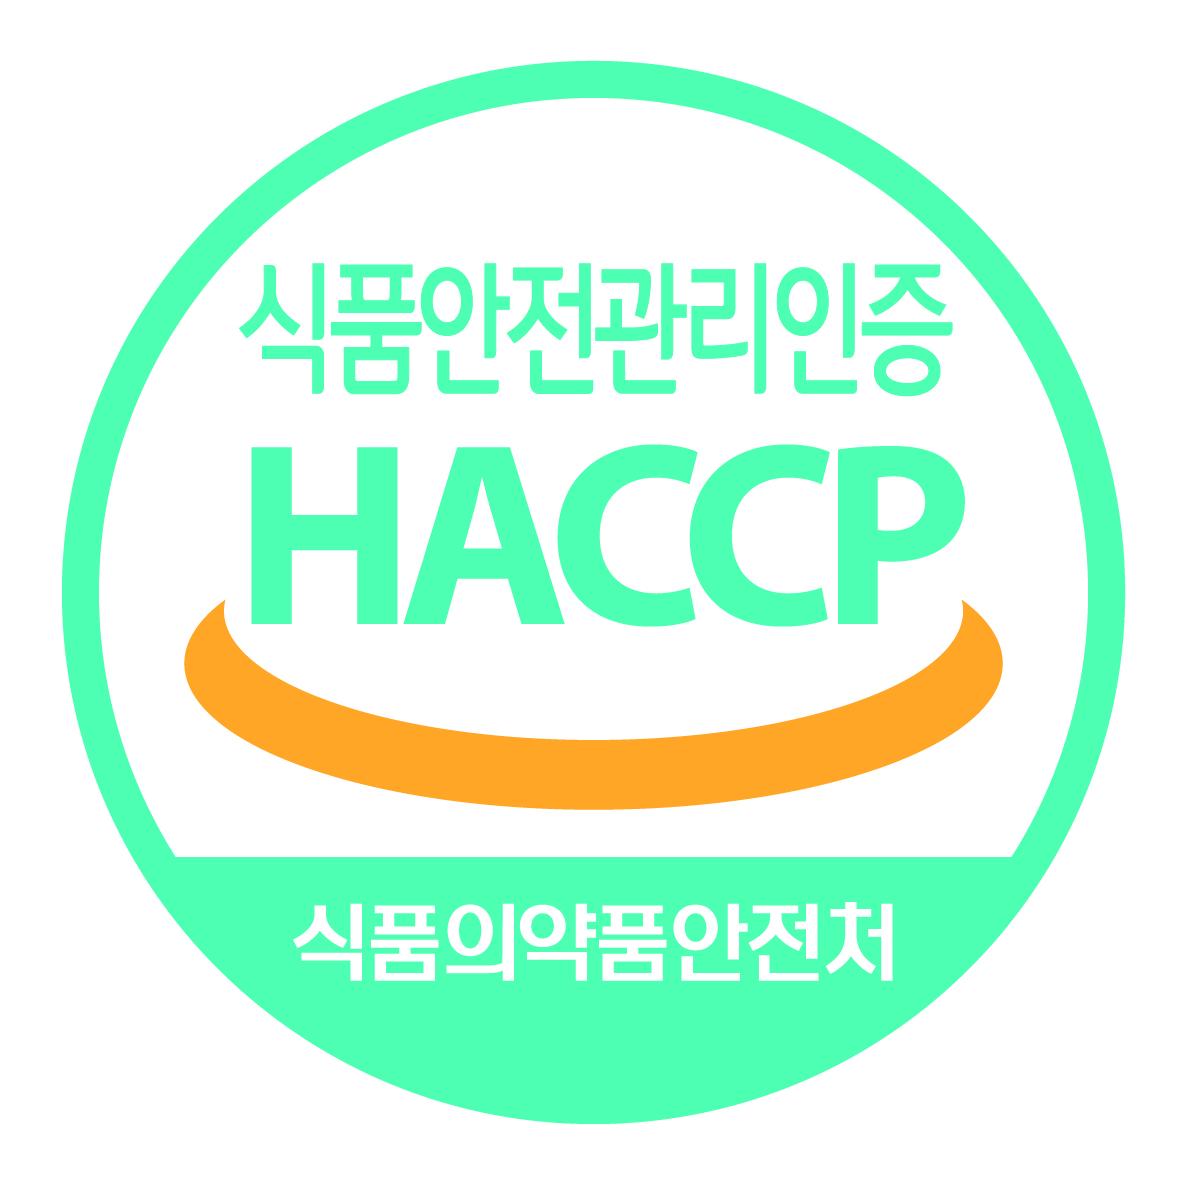 명가예찬곶감은 농장, 가공장, 유통단계의 판매장까지 전단계에 걸쳐 HACCP 인증을 받았습니다.